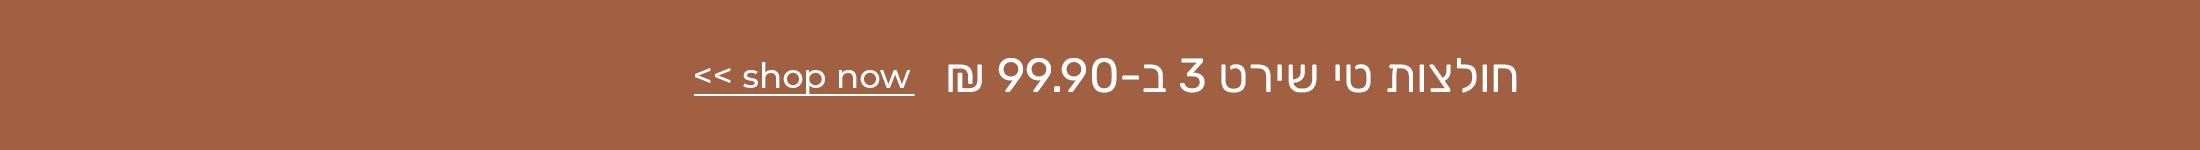 חולצות טי שירט 3 ב-99.90